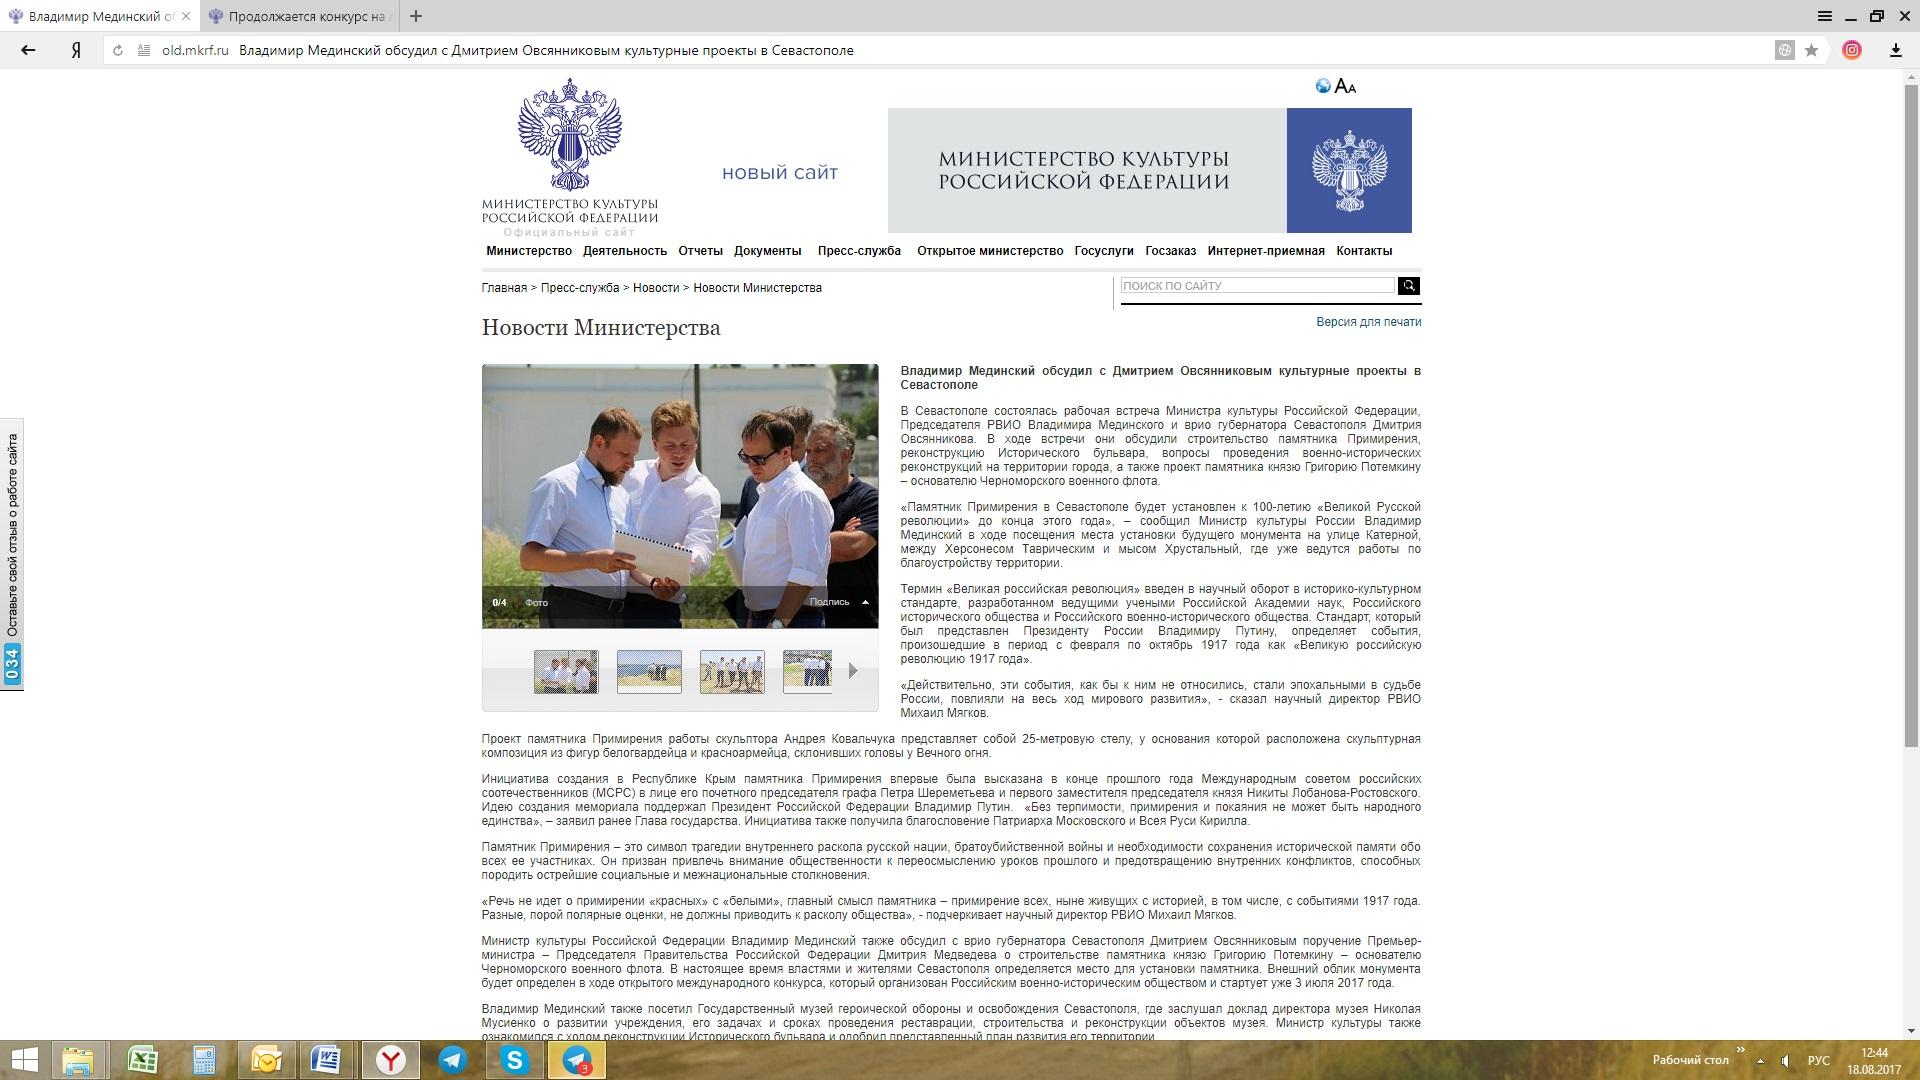 03-Принтскрин сайта Министерства культуры